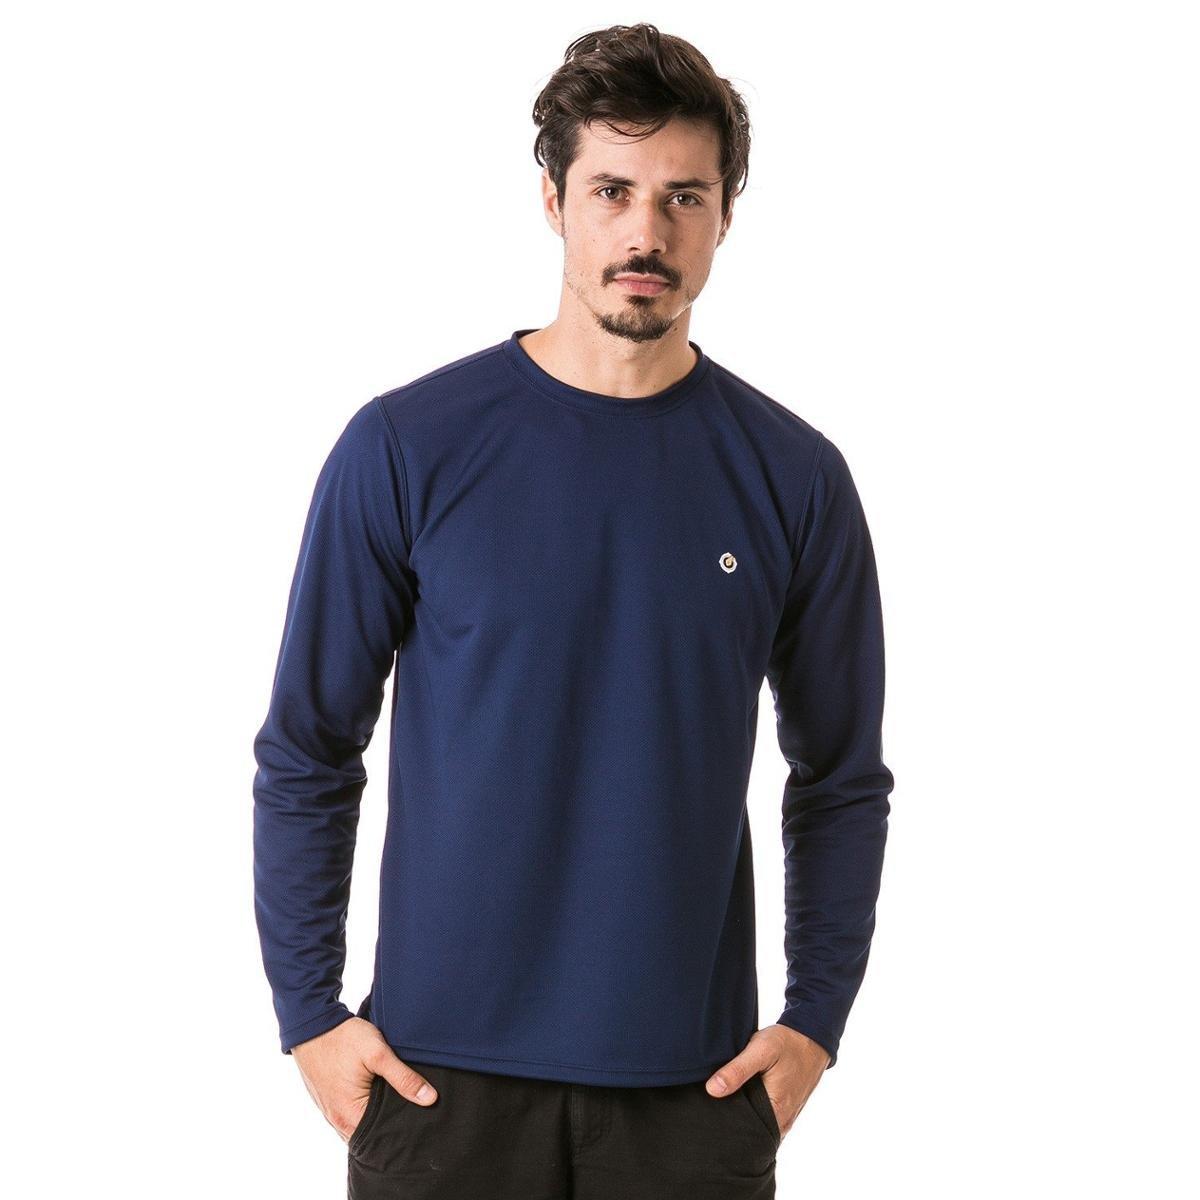 Camiseta com Proteção Solar Manga Longa Extreme UV Dry - Azul Escuro ... b7faf1bece178